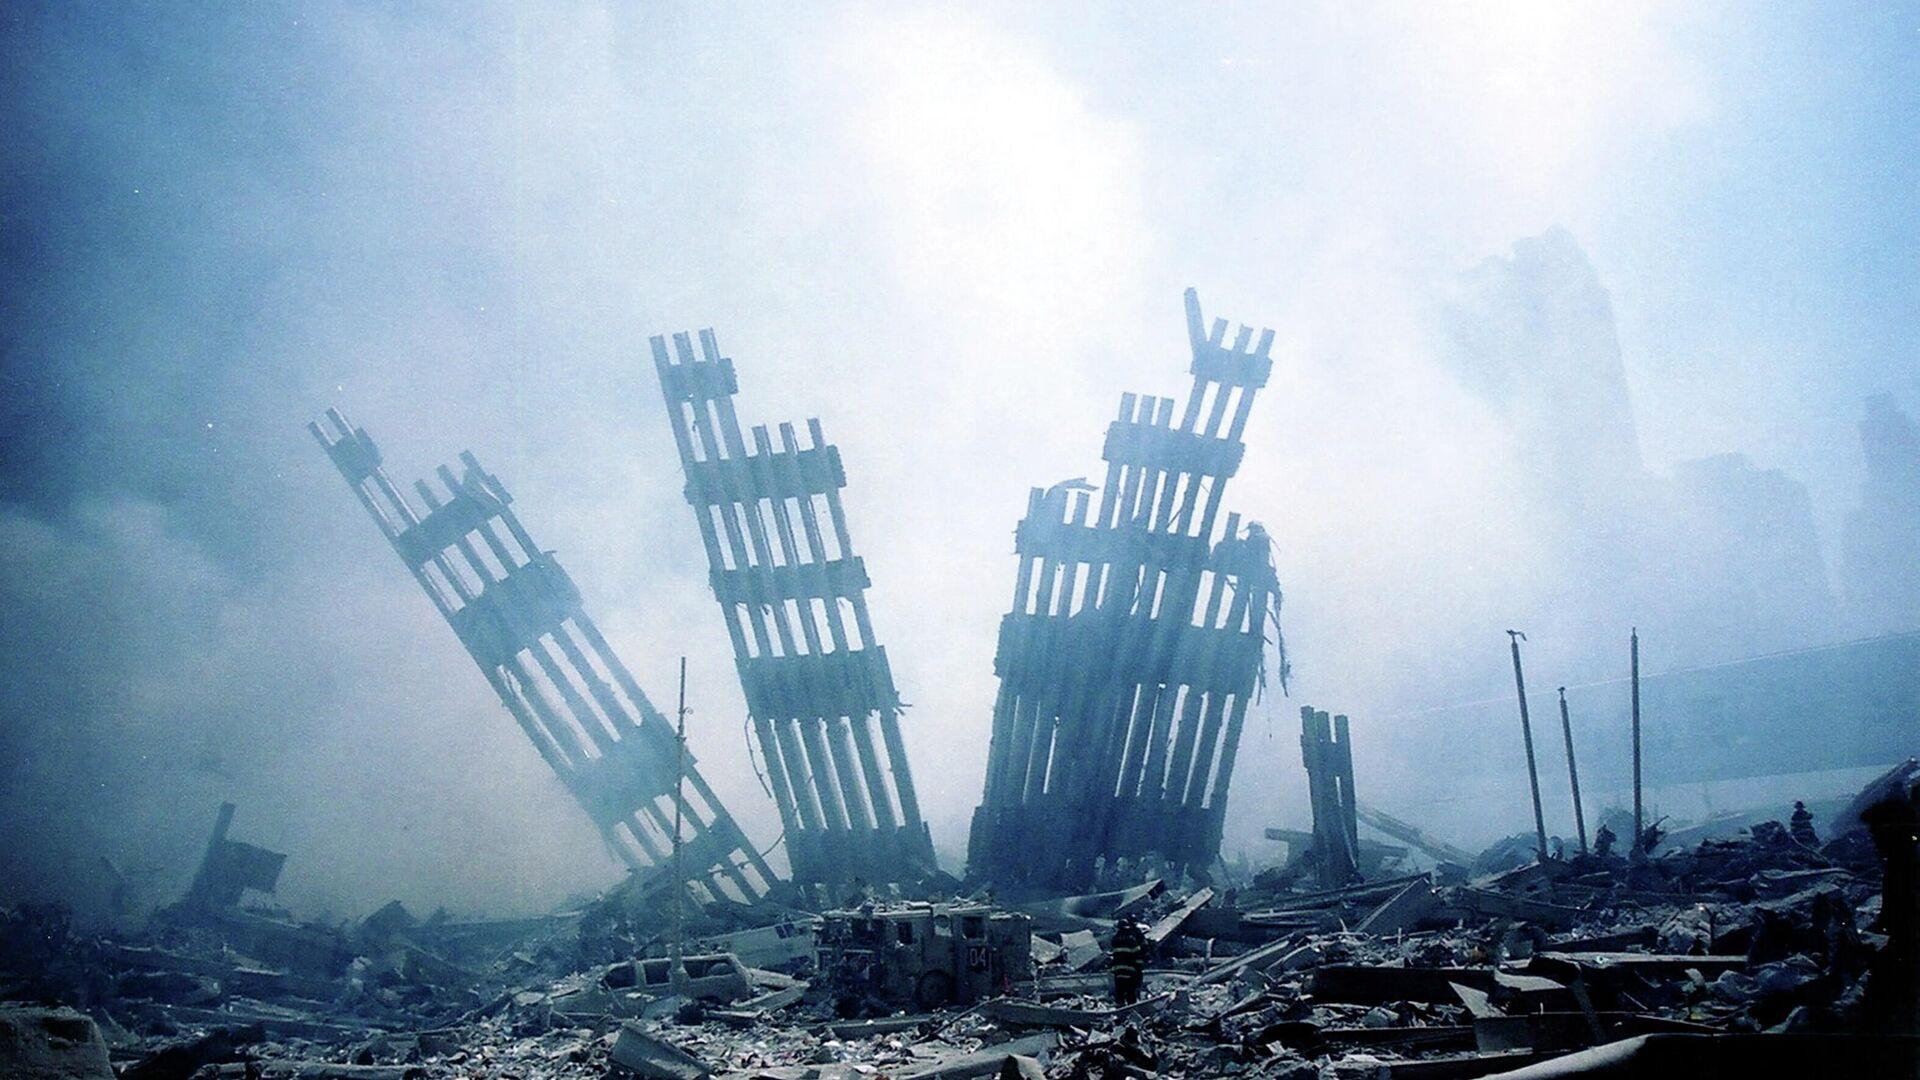 Обломки башен-близнецов Всемирного торгового центра тлеют после террористической атаки в нижнем Манхэттене - Sputnik Латвия, 1920, 11.09.2021